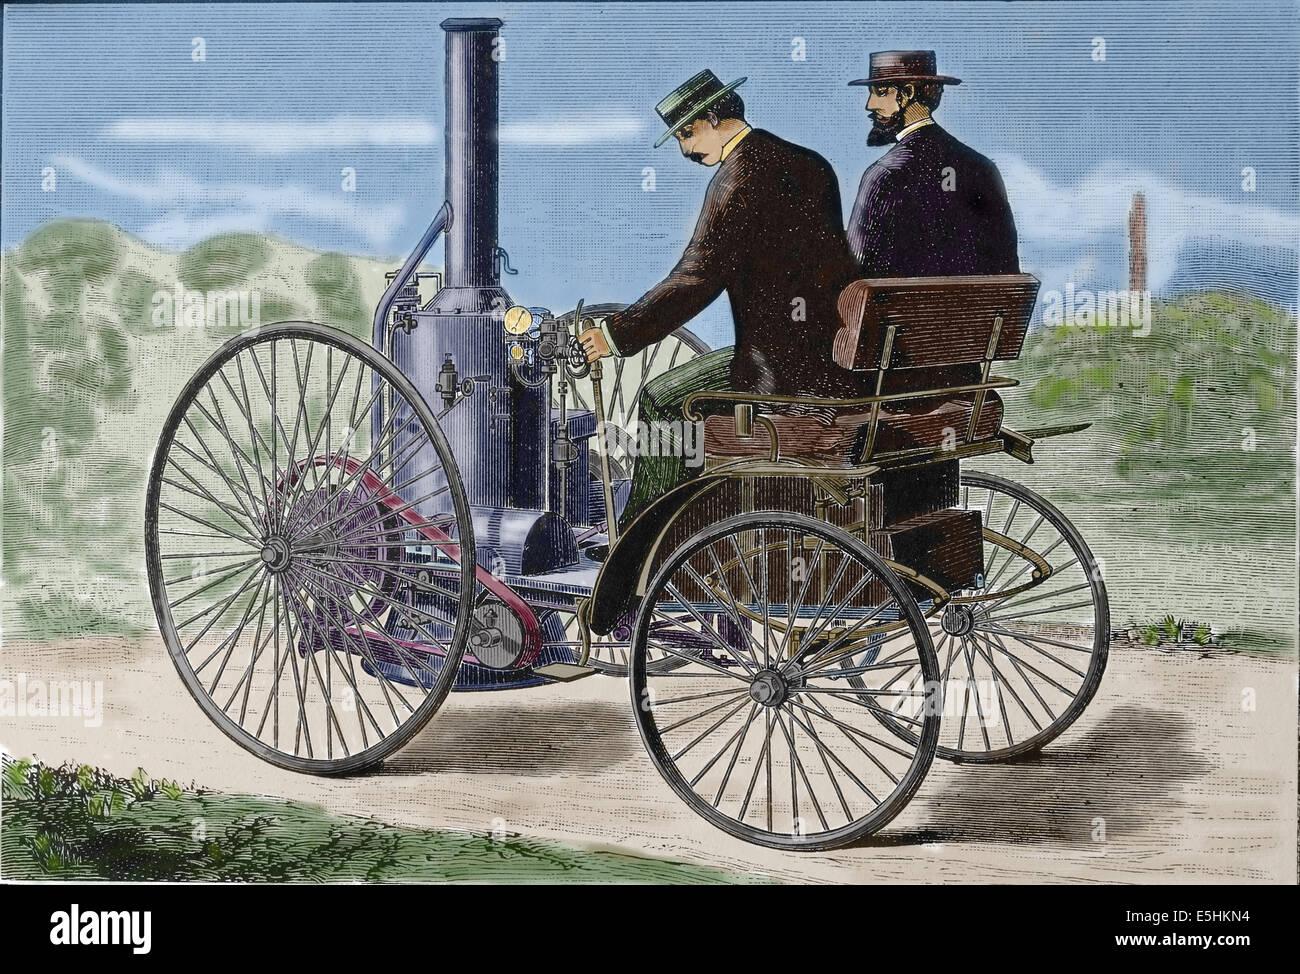 L'histoire. Le transport. Vieux véhicule. Automobile à vapeur. Gravure, 19ème siècle. Plus tard la couleur. Banque D'Images